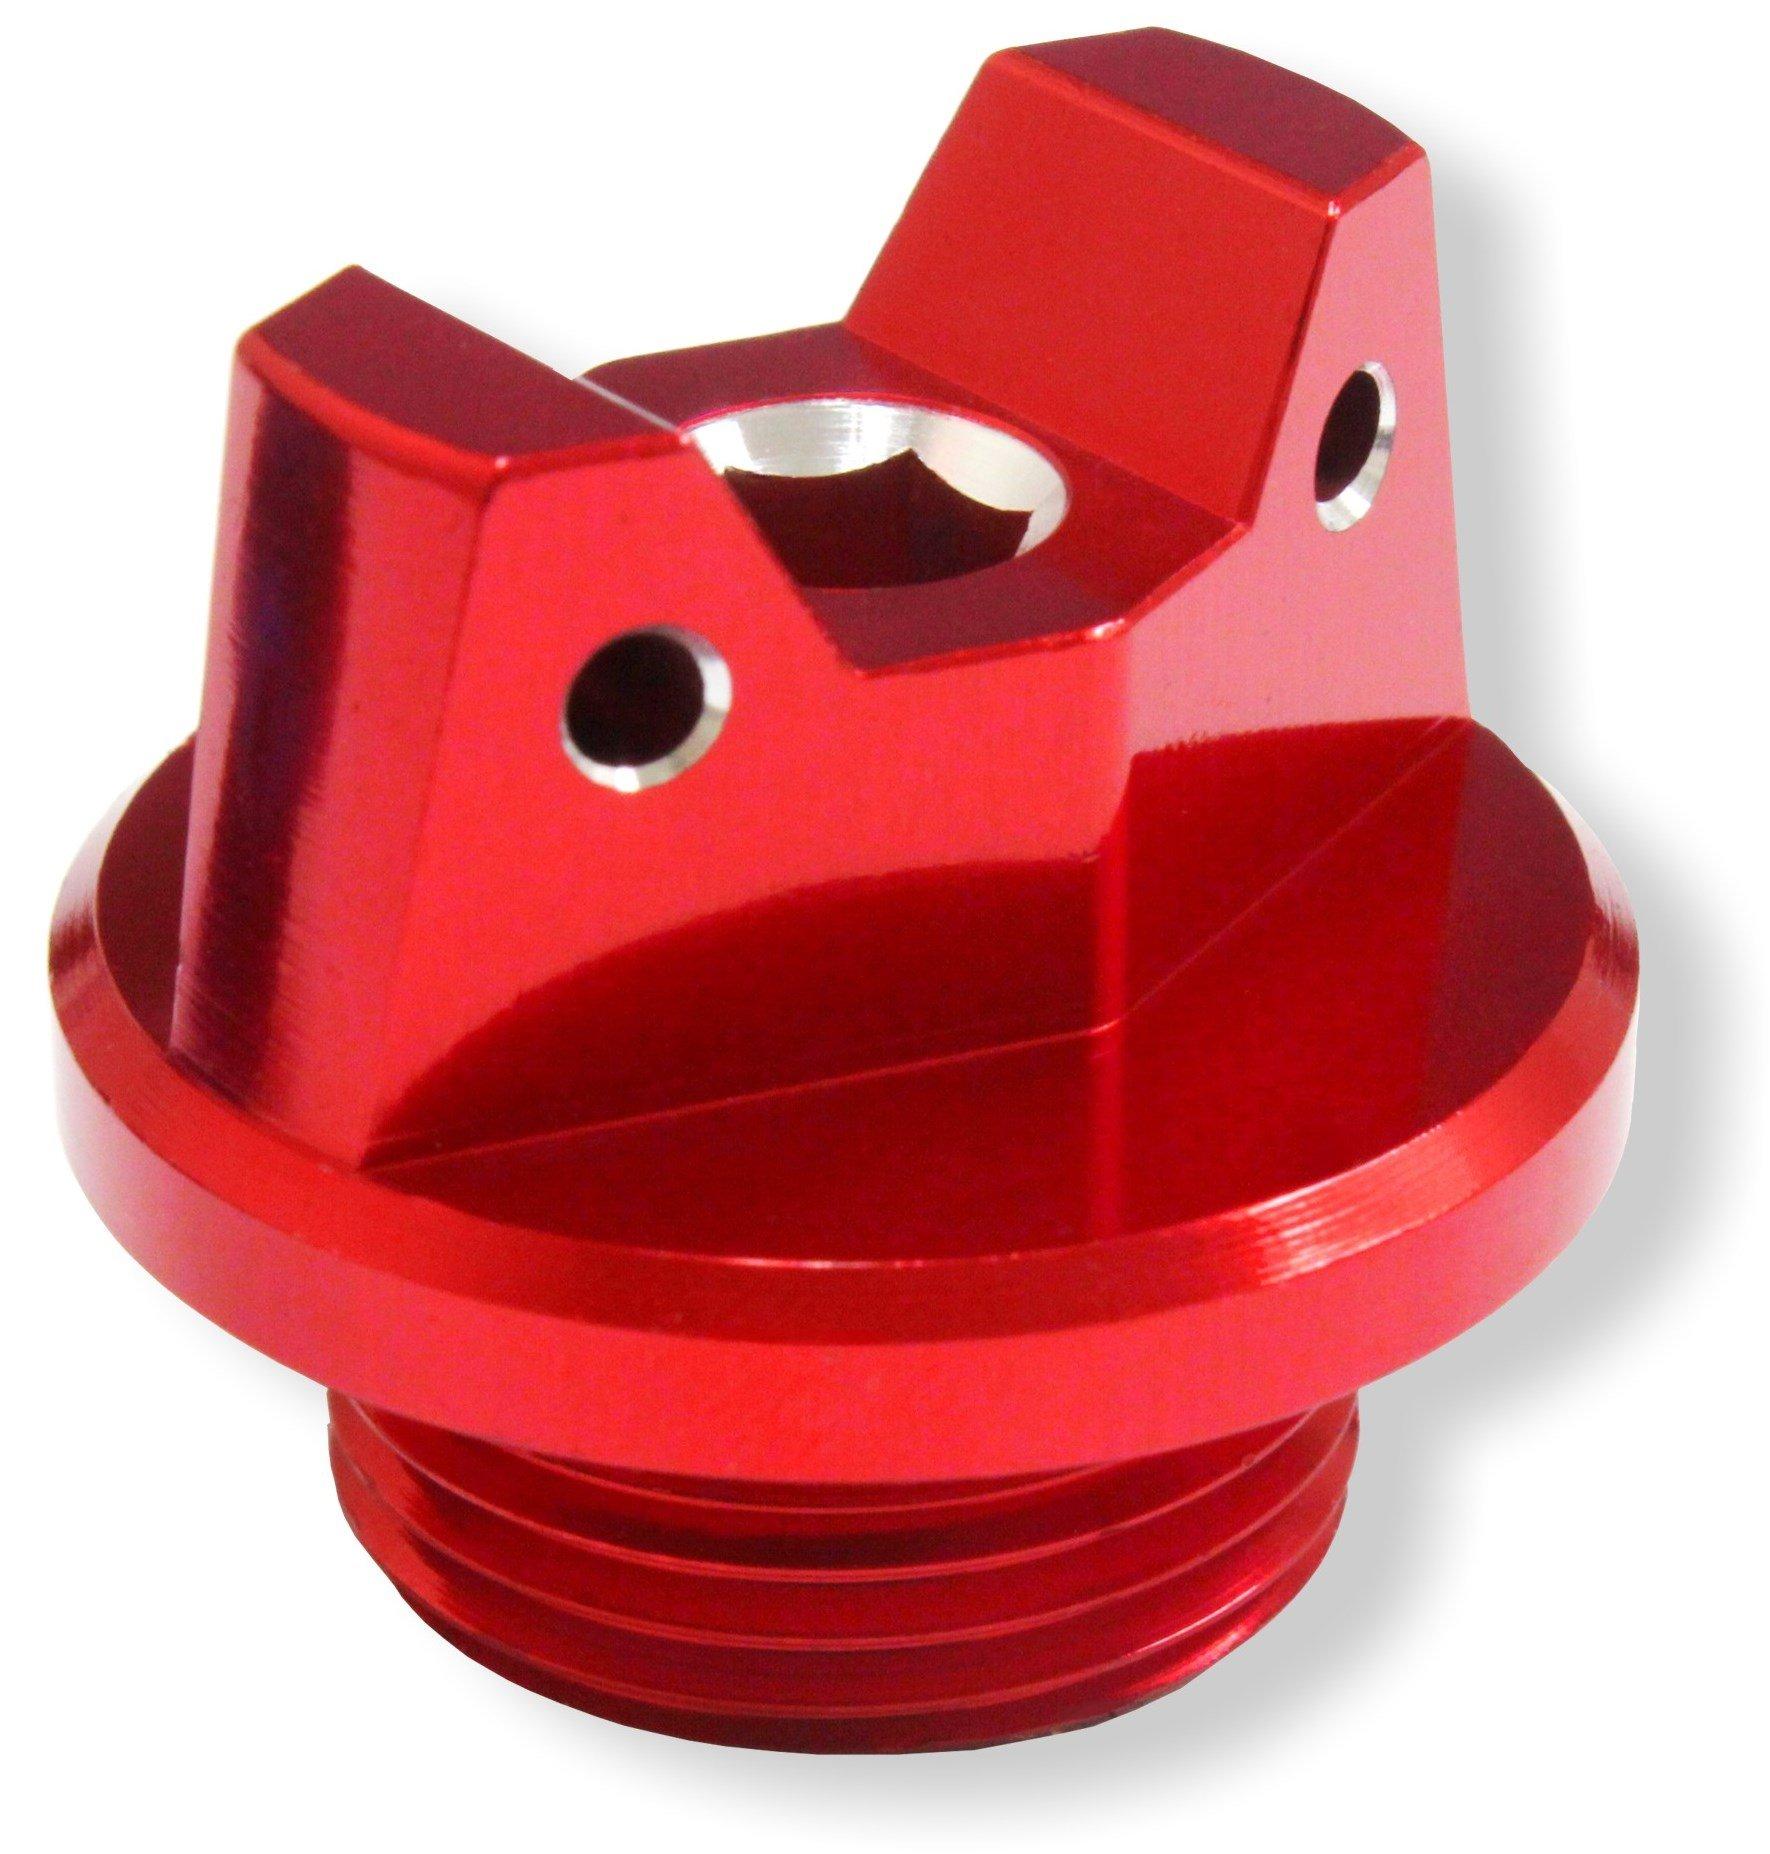 MotoSculpt Oil Fill Cap Plug (RED) for Suzuki GSX-R GSXR 600 750 1000 1100 1300 SV650 SV1000 TL1000